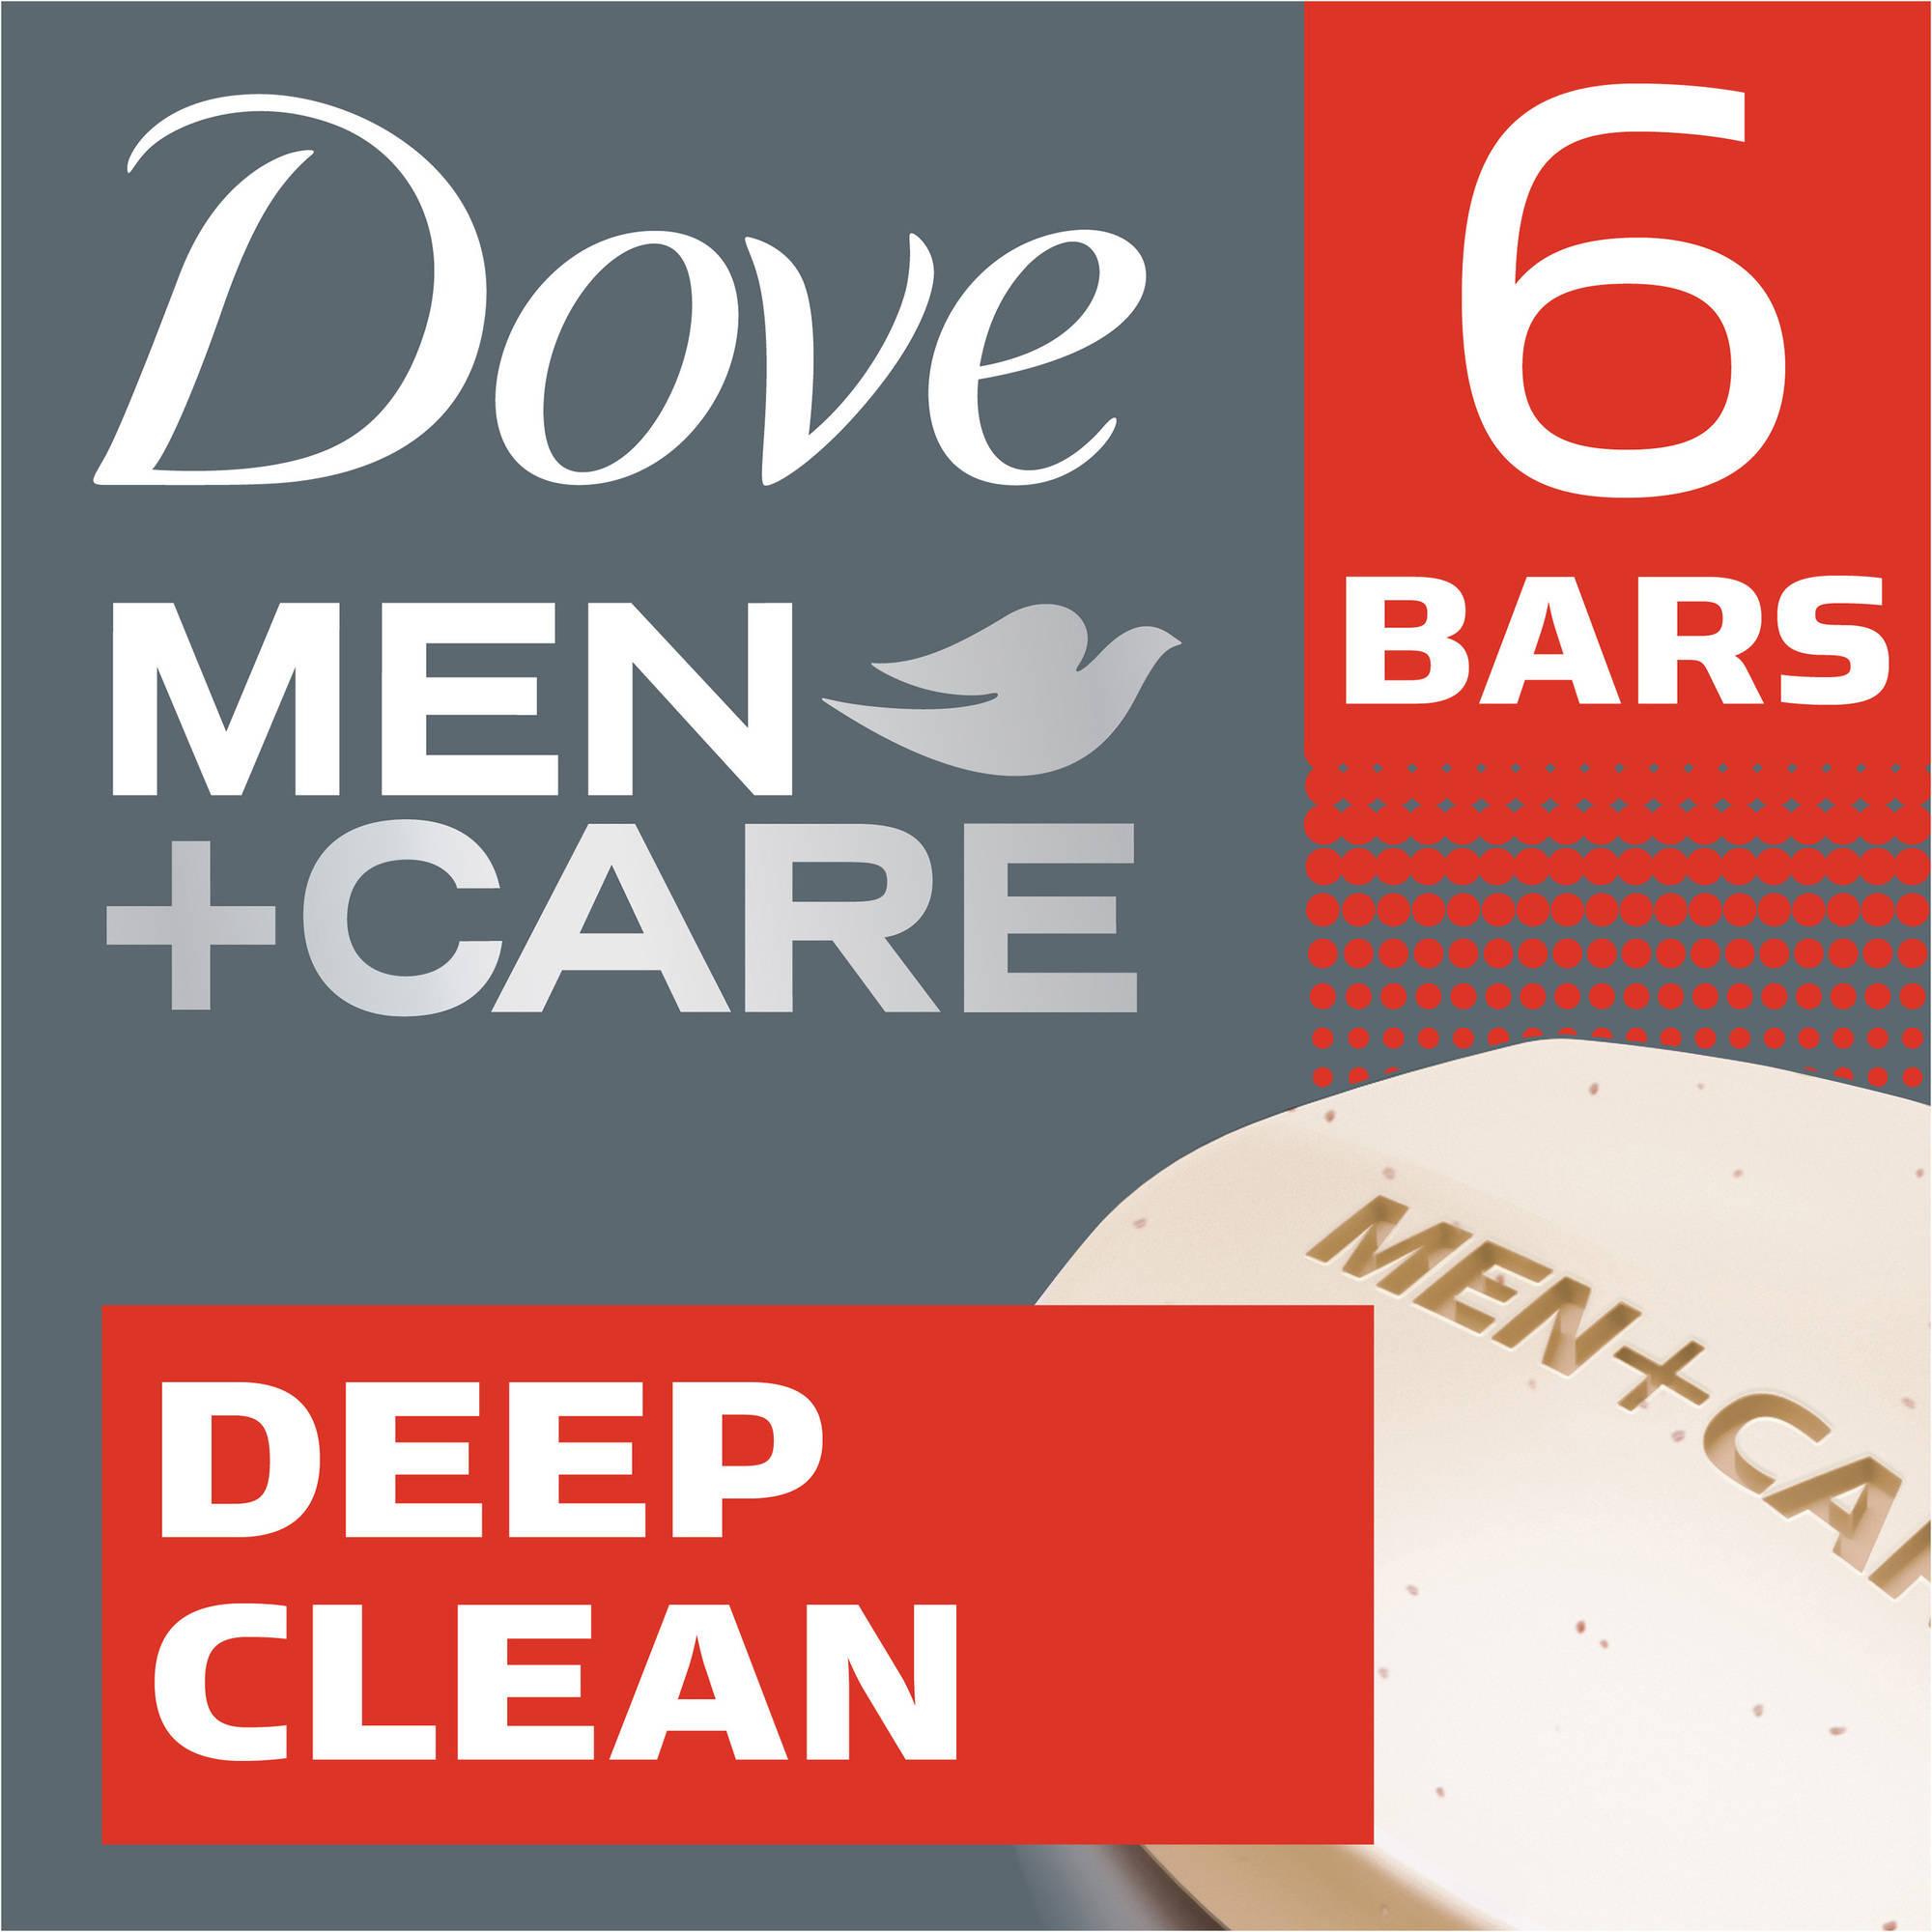 Dove Men+Care Deep Clean Body and Face Bar, 4 oz, 6 Bar